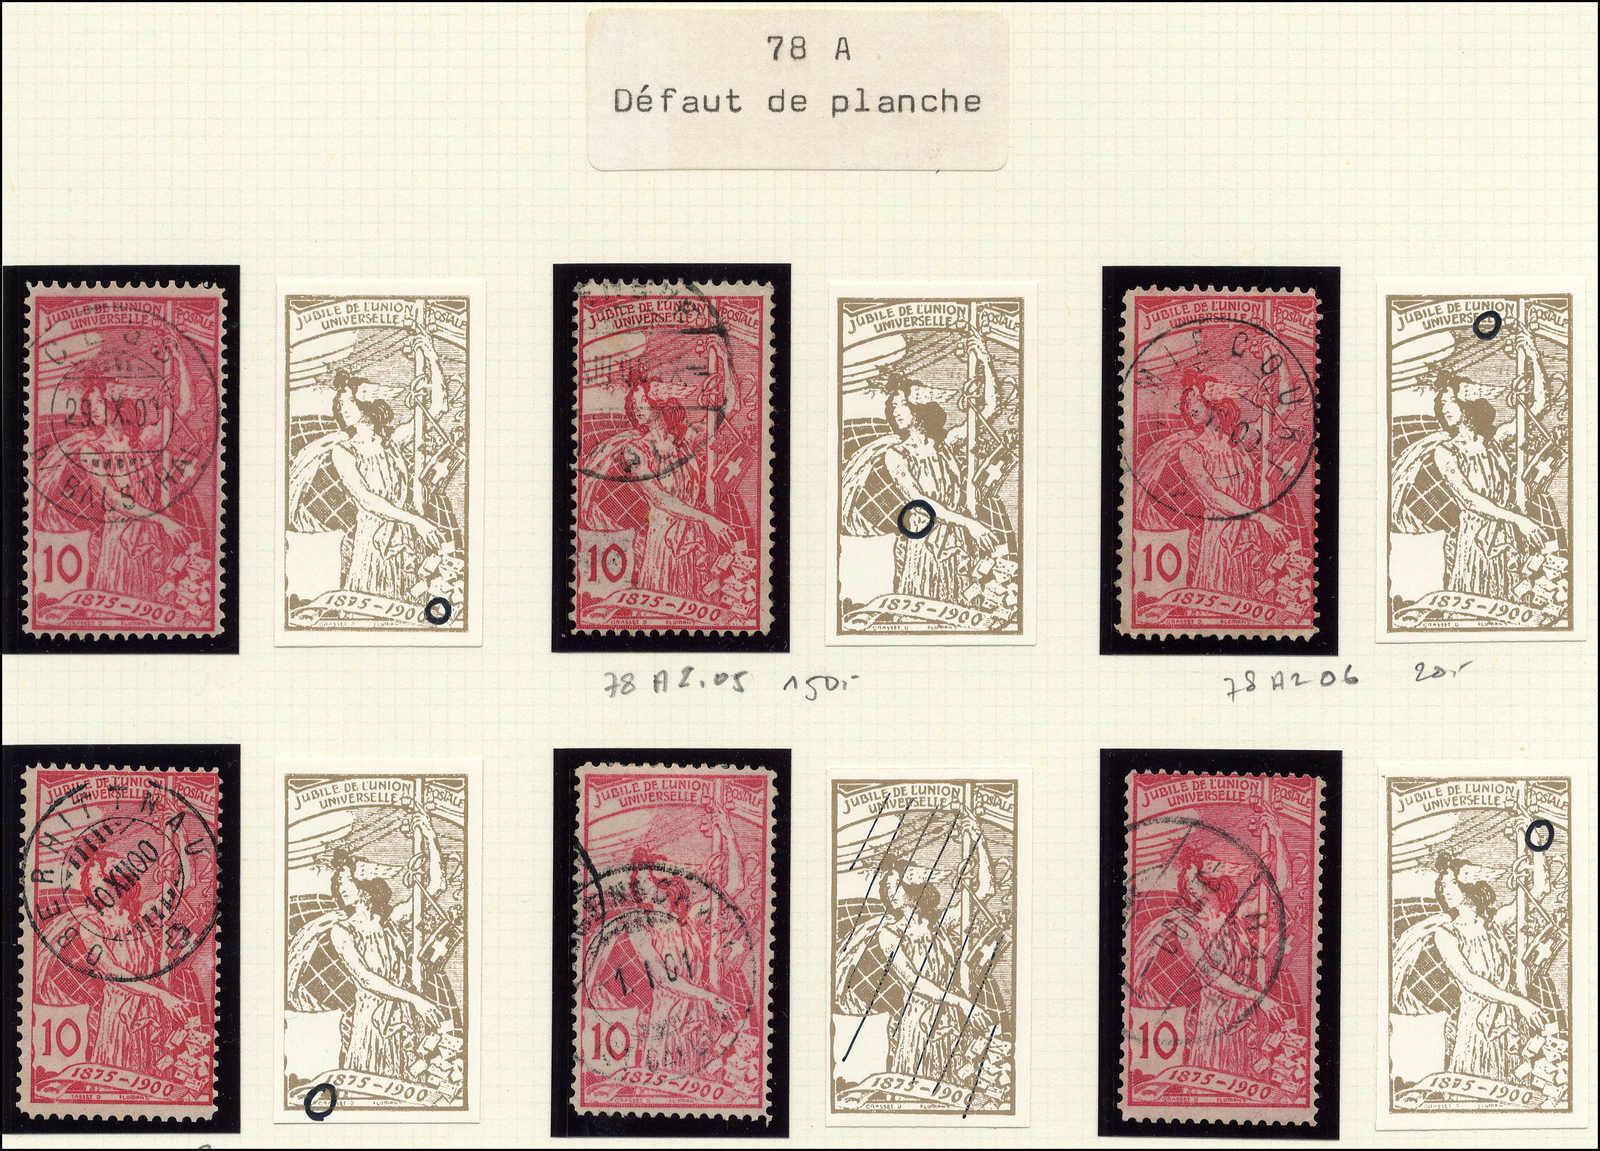 Lot 96 - schweiz schweiz -  Rolli Auctions Auction #68 Day 1